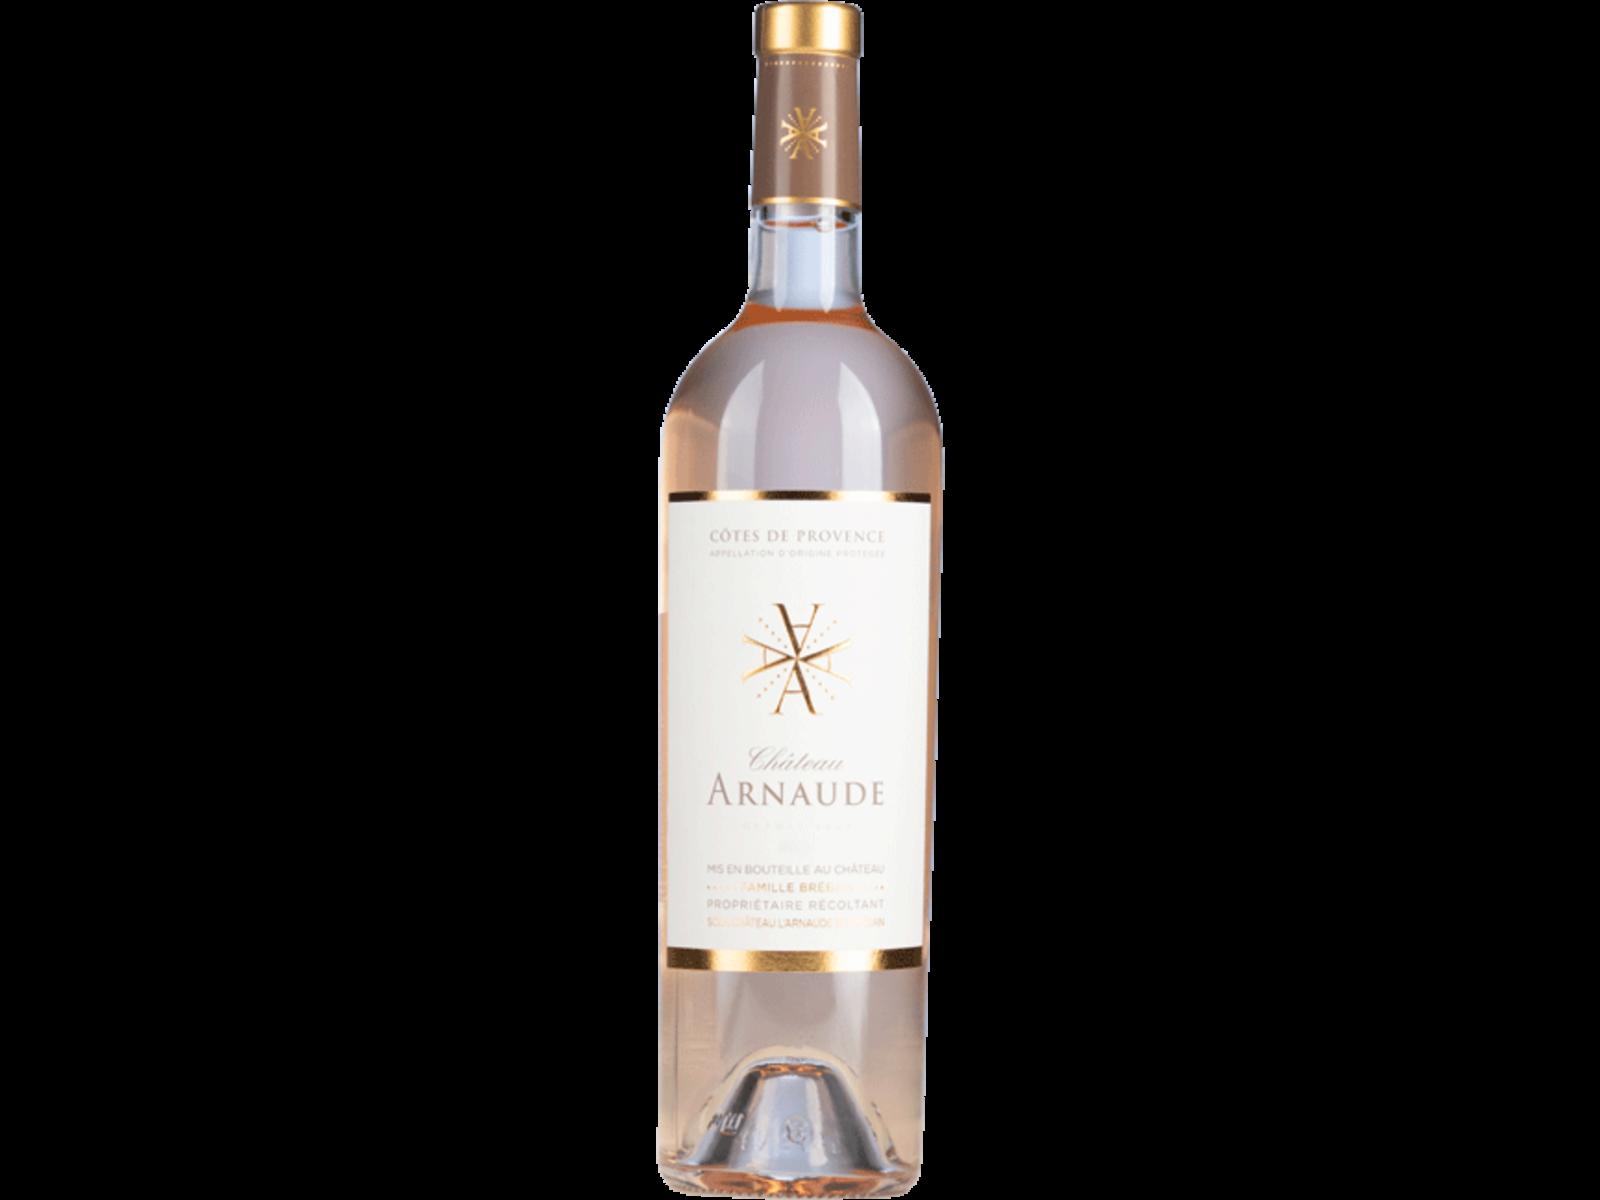 Les Vins Bréban Chateau l'Arnaude Premium Rosé